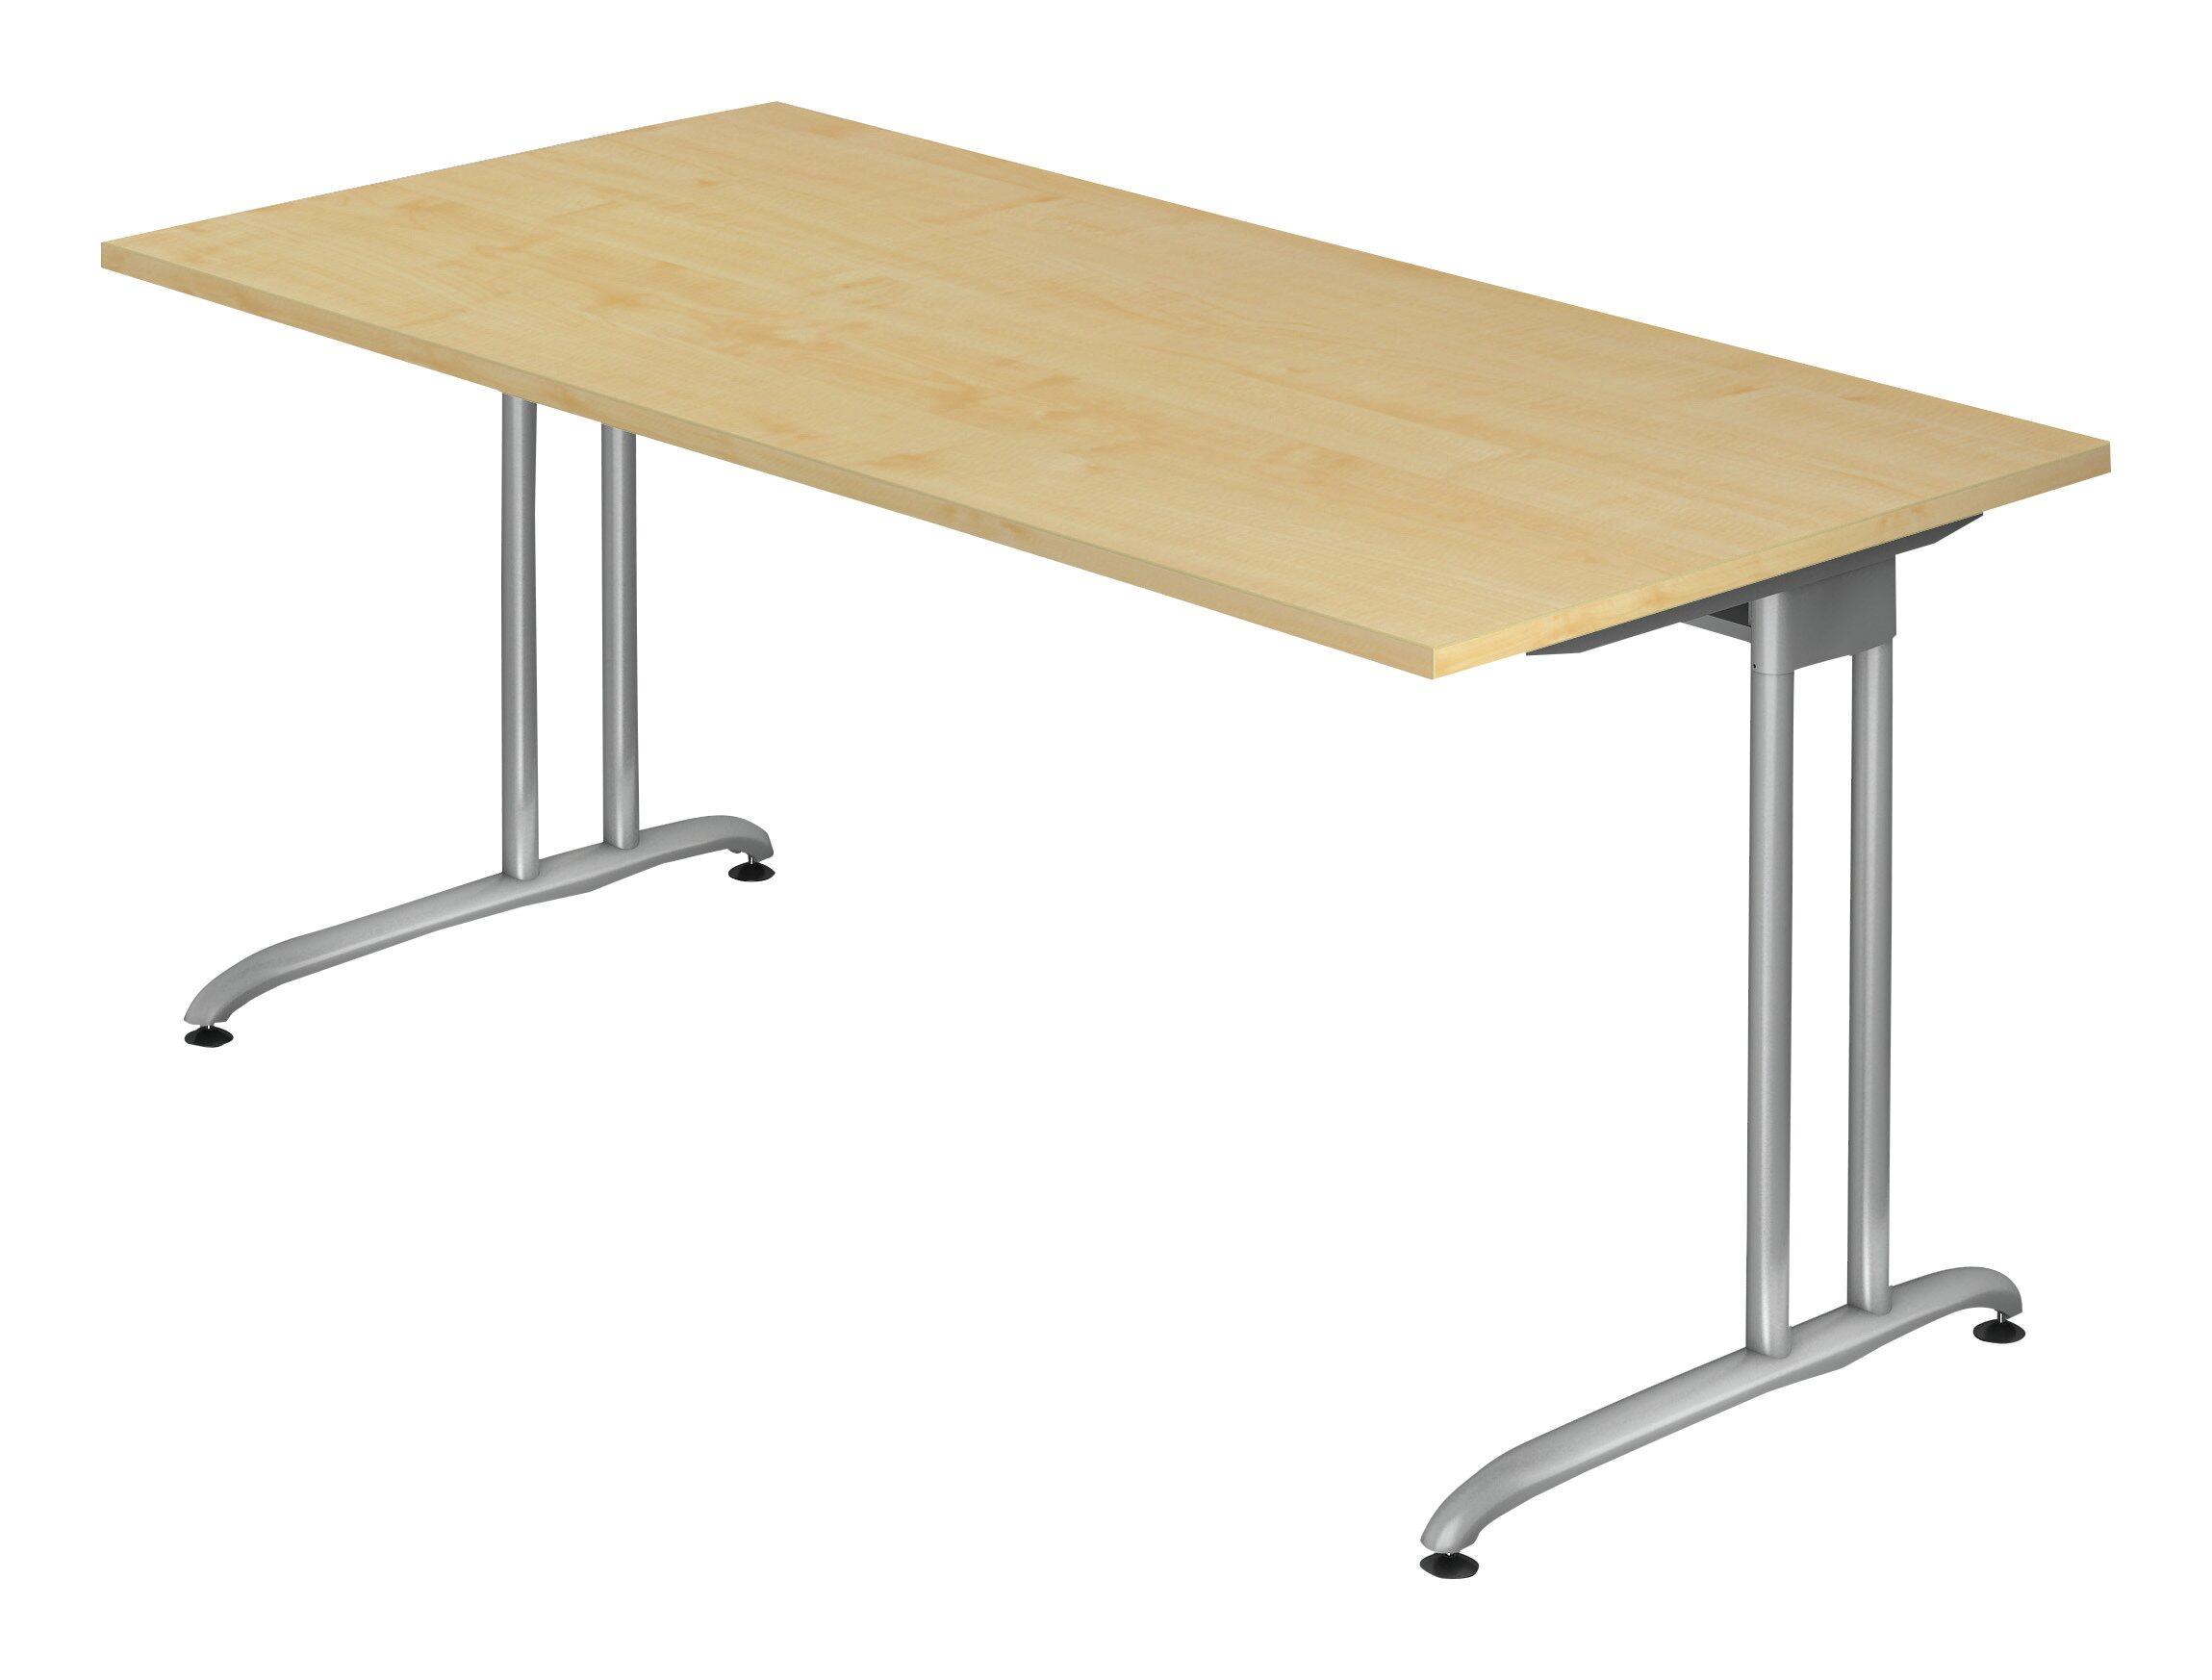 Schreibtisch Buche 1600x800 mm - BS 16/6